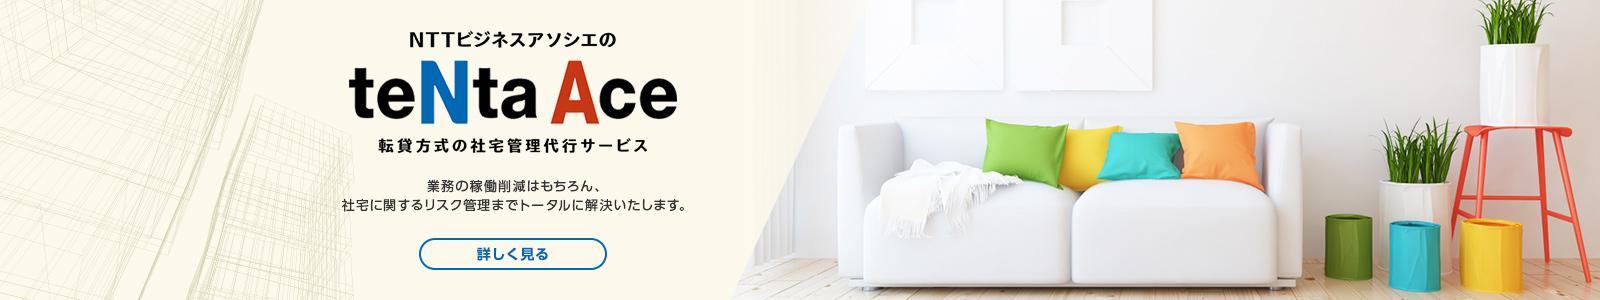 NTTビジネスアソシエのteNta Ace 転貸方式の社宅管理代行サービス 業務の稼働削減はもちろん、社宅に関するリスク管理までトータルに解決いたします。詳しく見る